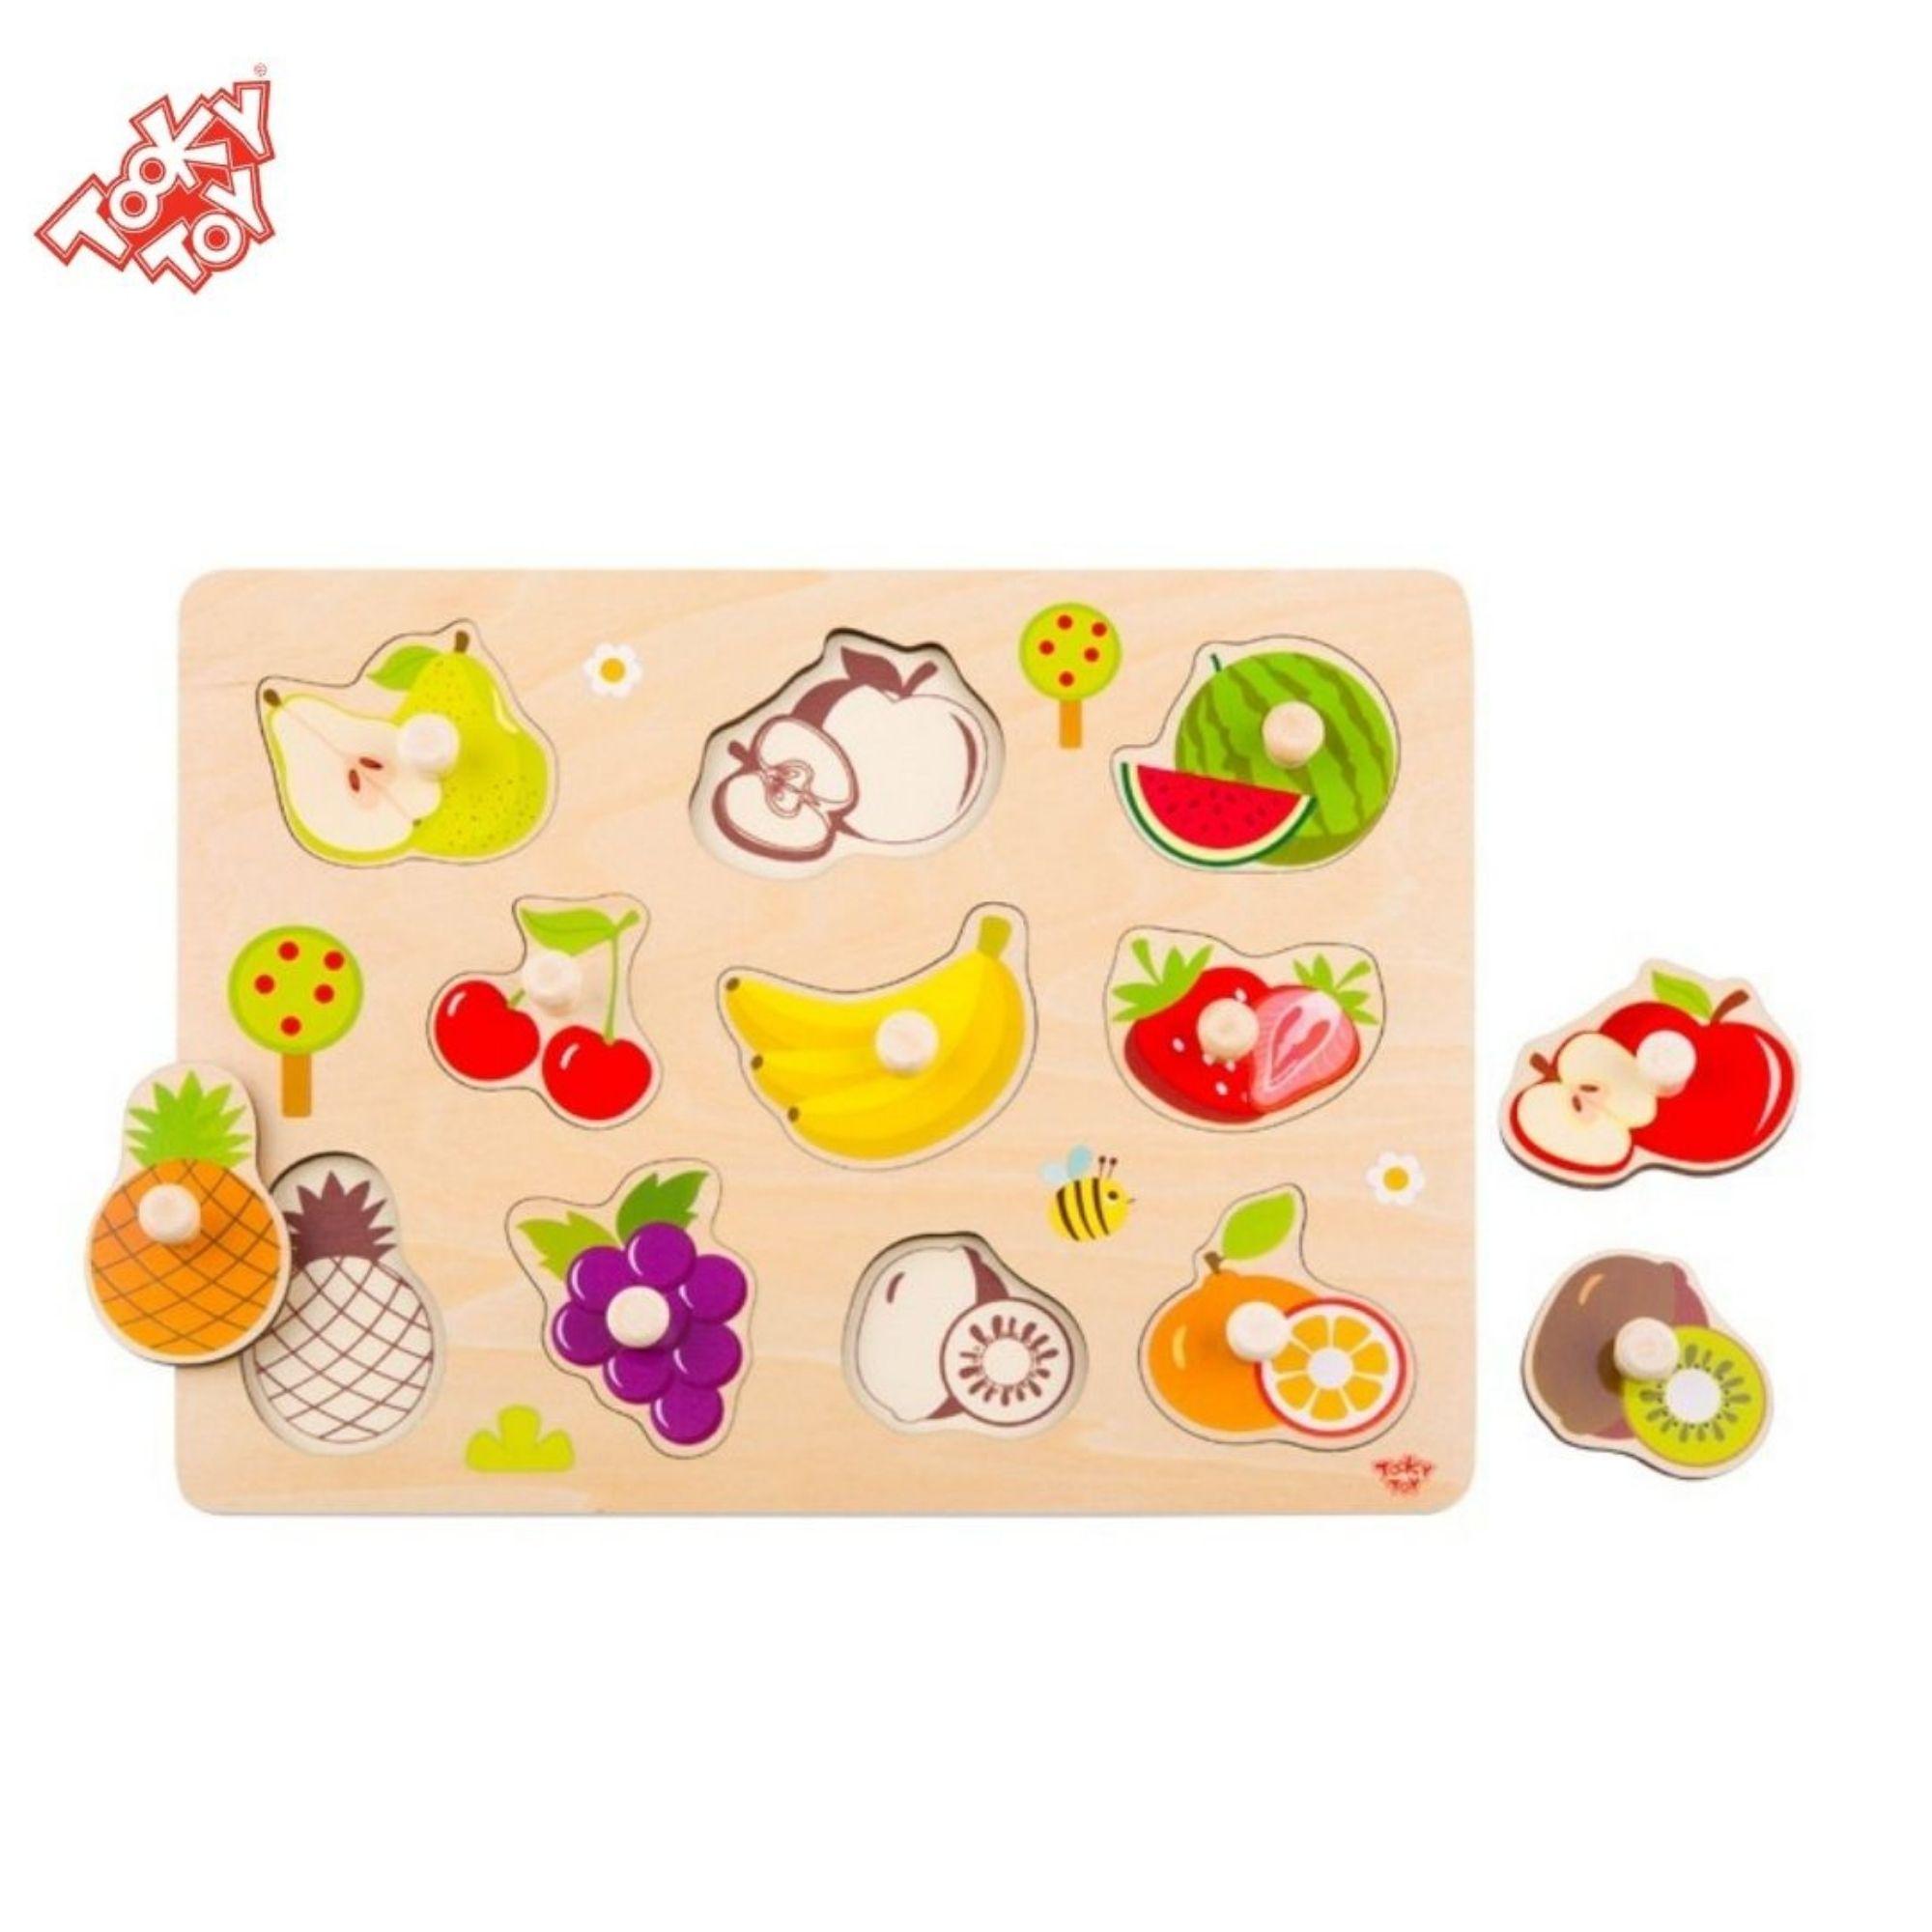 Jogo de Encaixe Frutas - Peças de Madeira com Pino - Tooky Toy